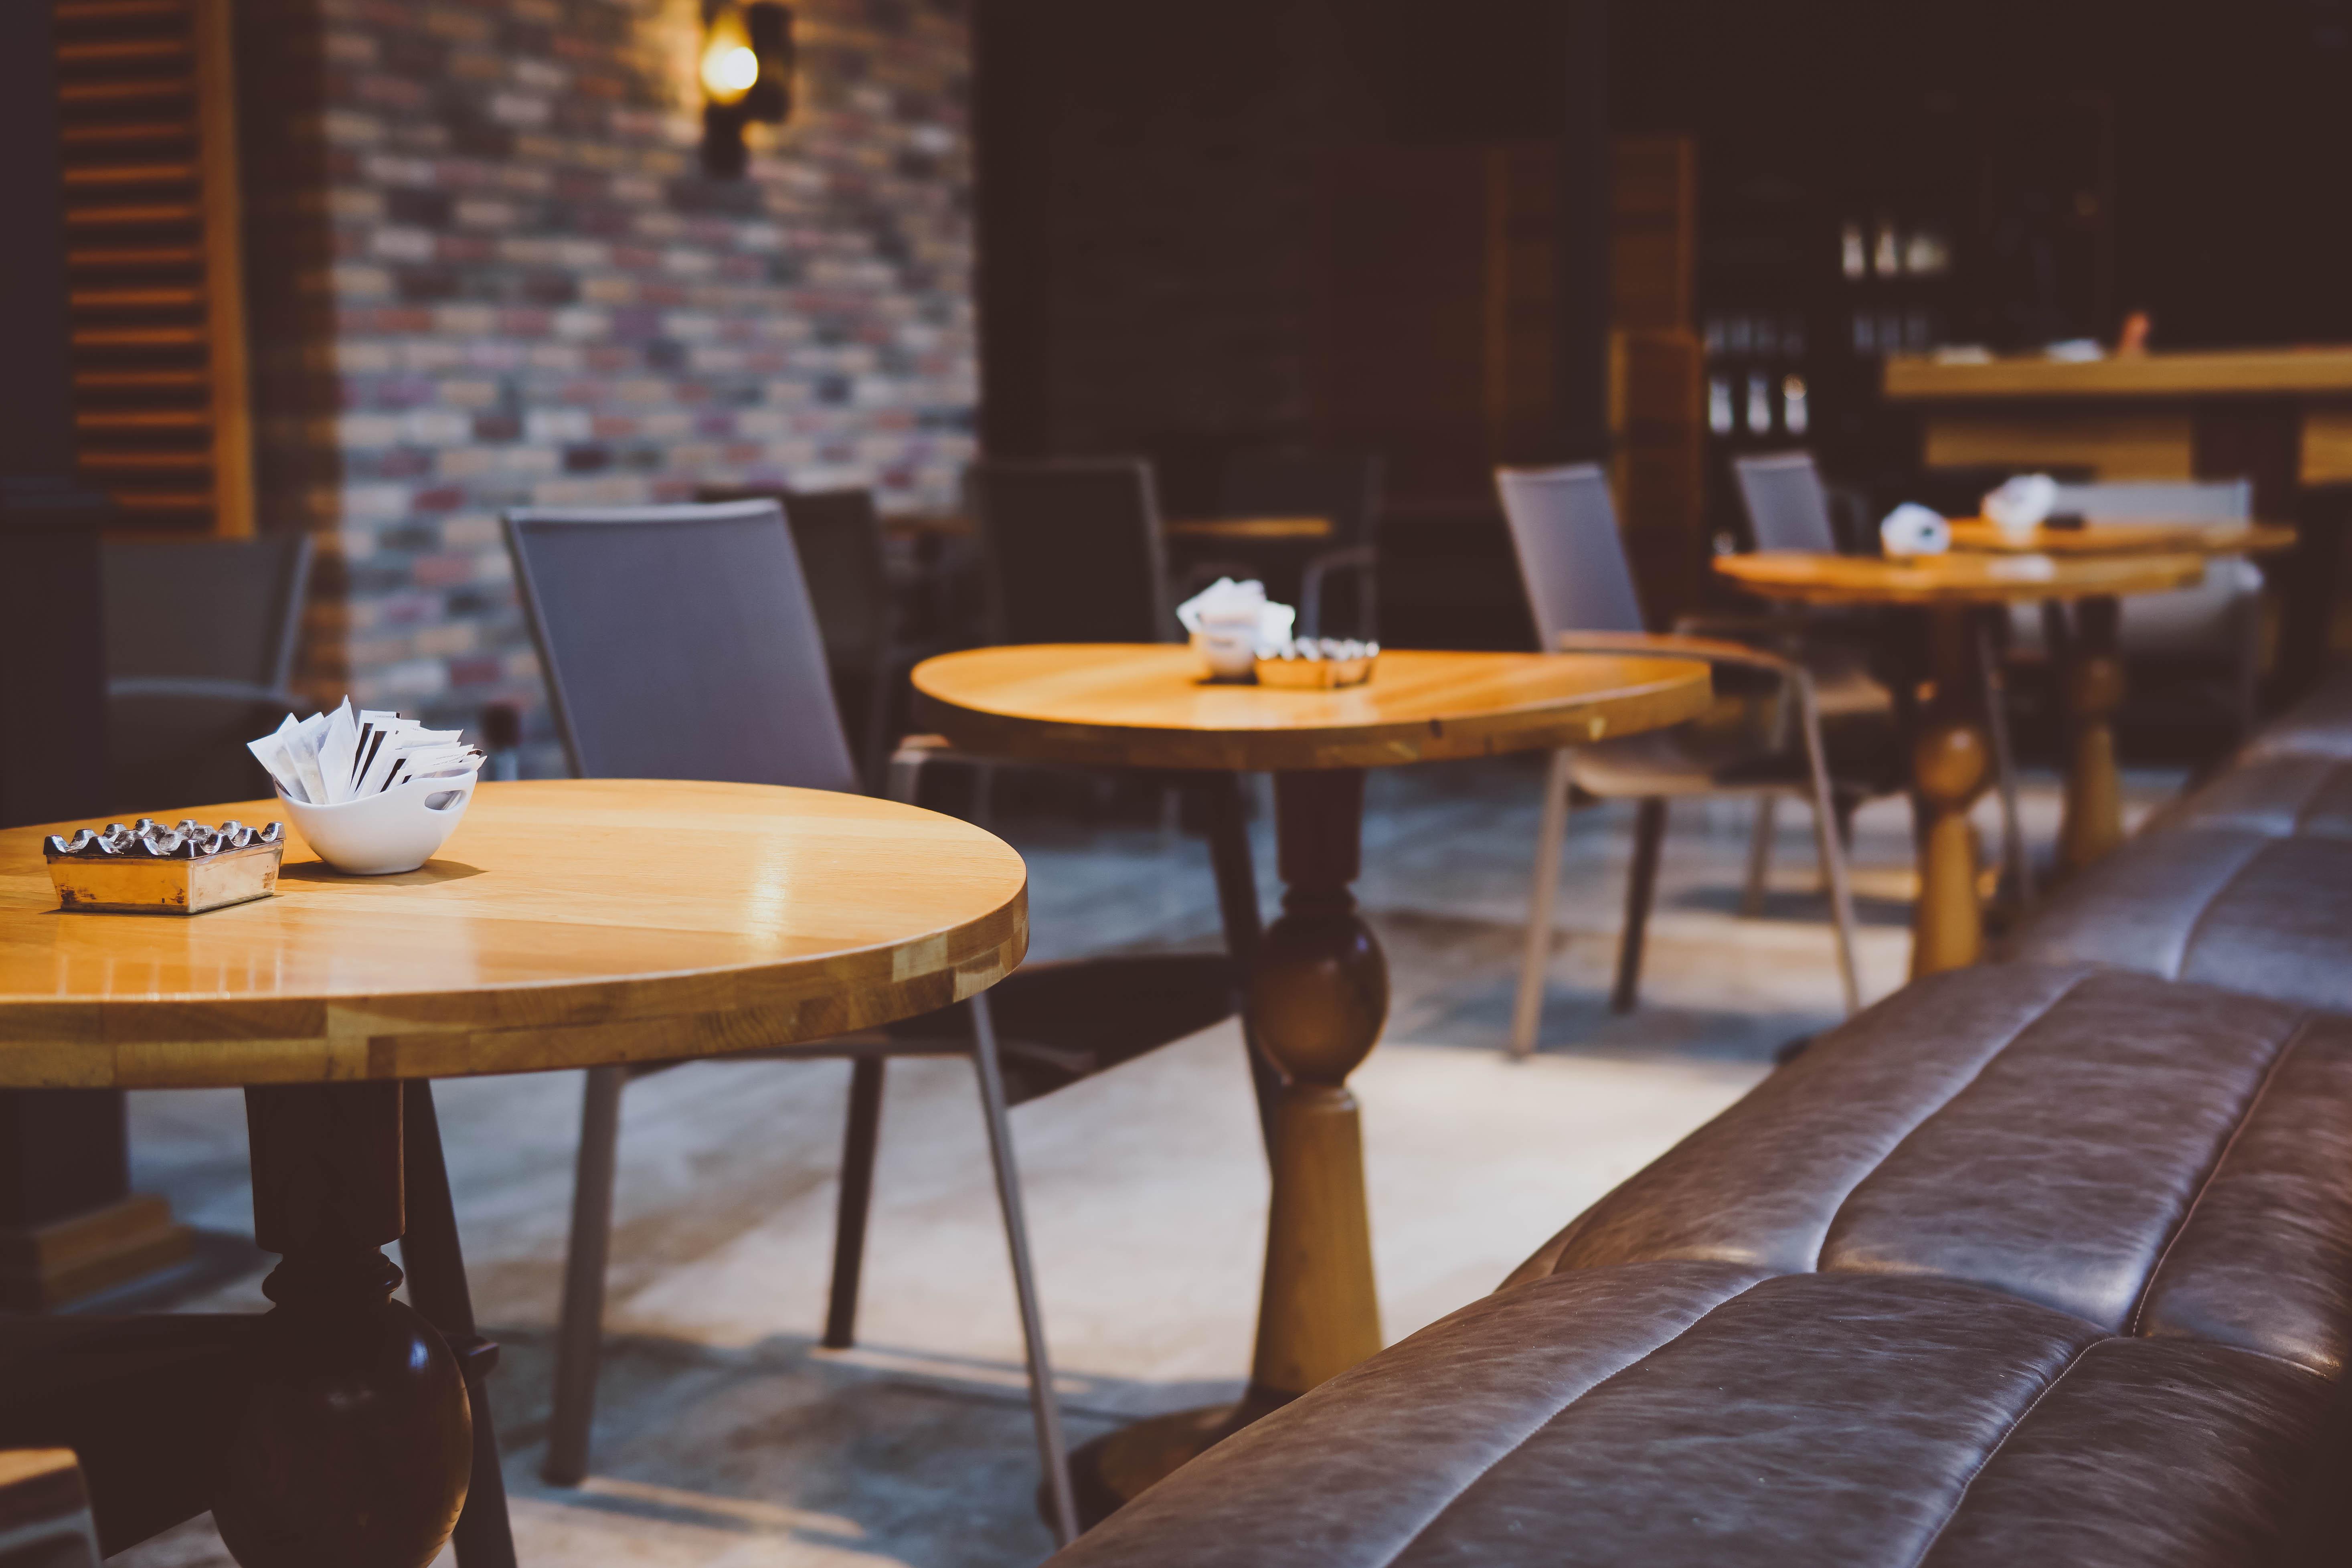 Selbständig machen mit einem Cafe